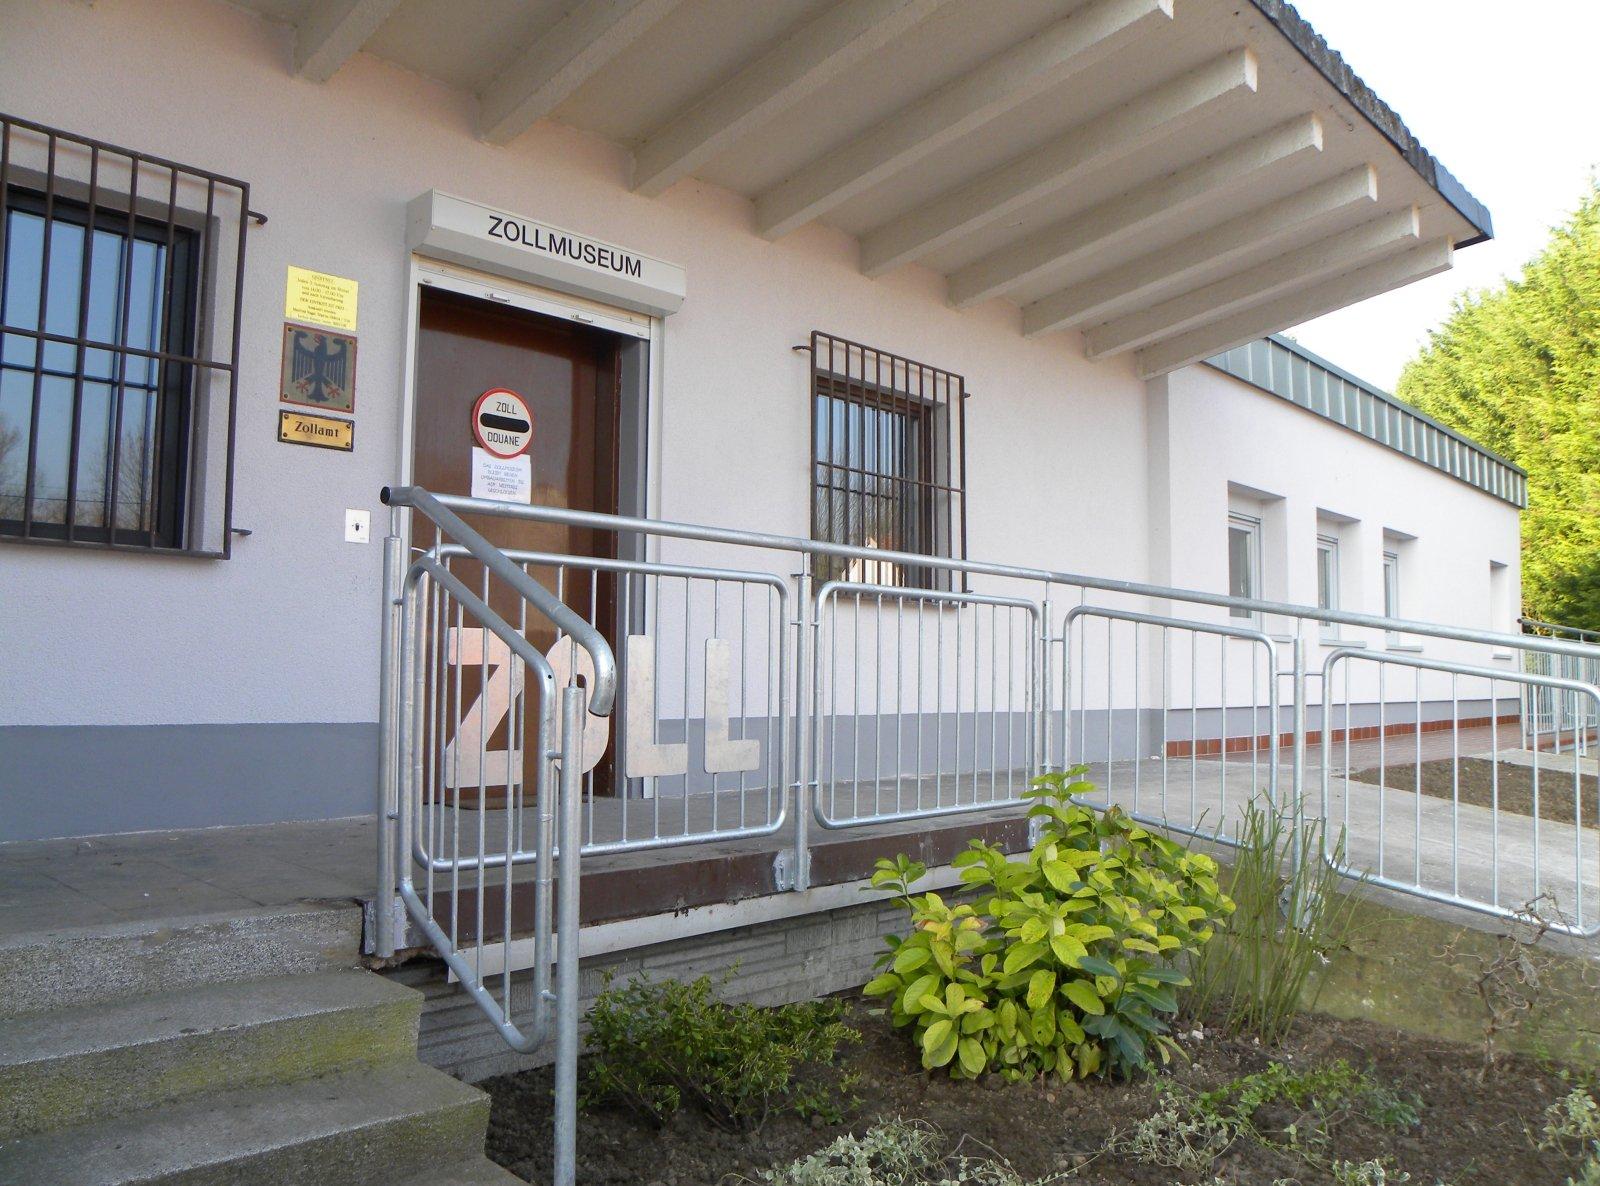 Zollmuseum in Habkirchen von Aussen